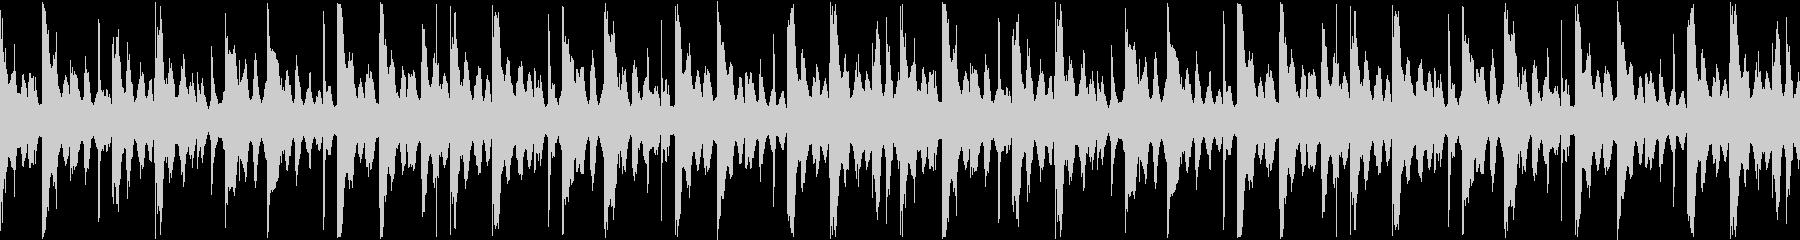 【ループ】リザルト/結果表示向けのBGMの未再生の波形